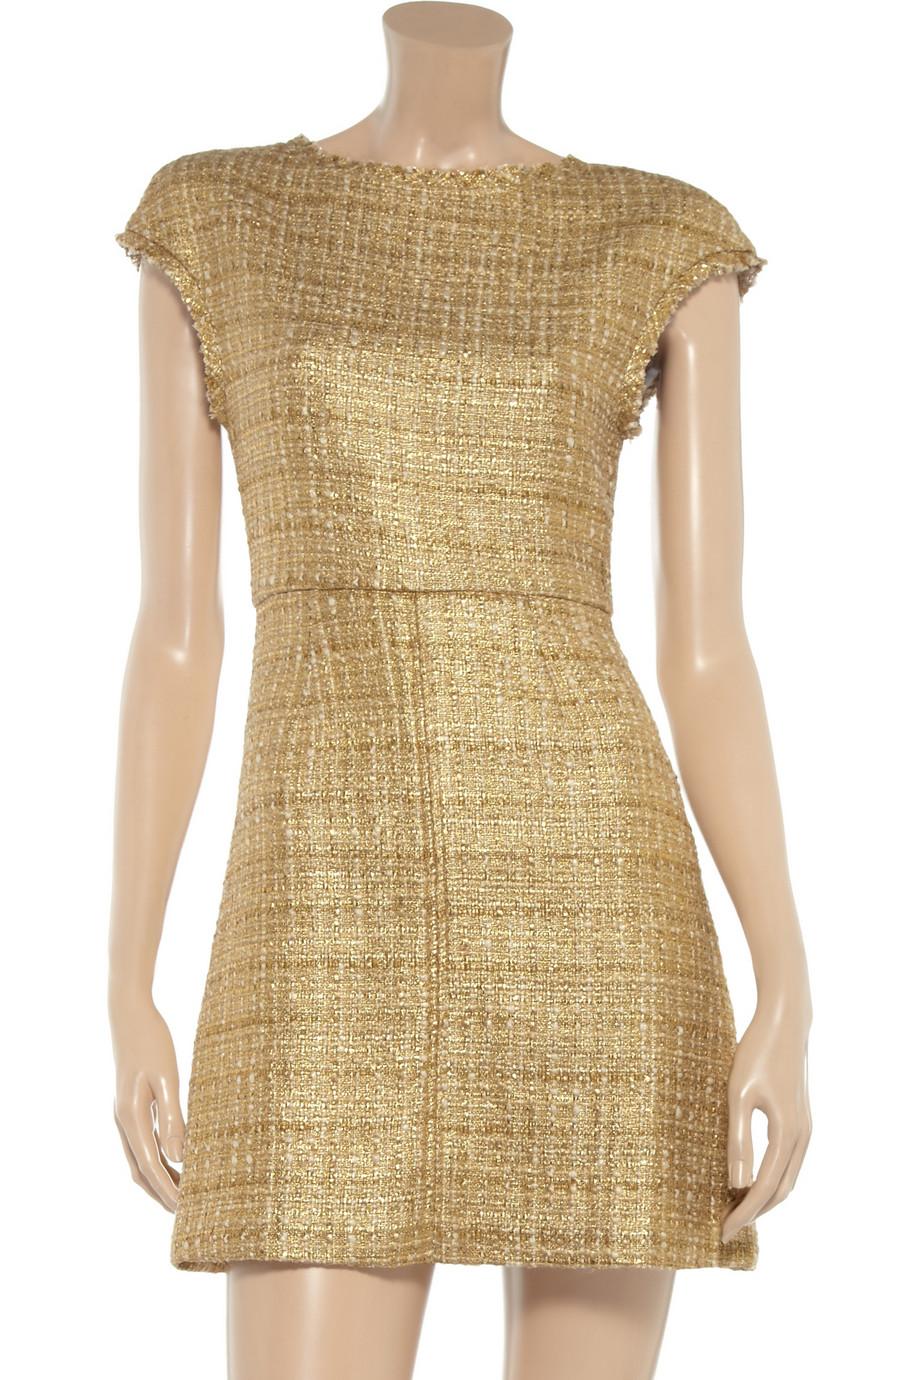 Lyst - Alice + Olivia Elsie Tweed Dress in Metallic 868082208